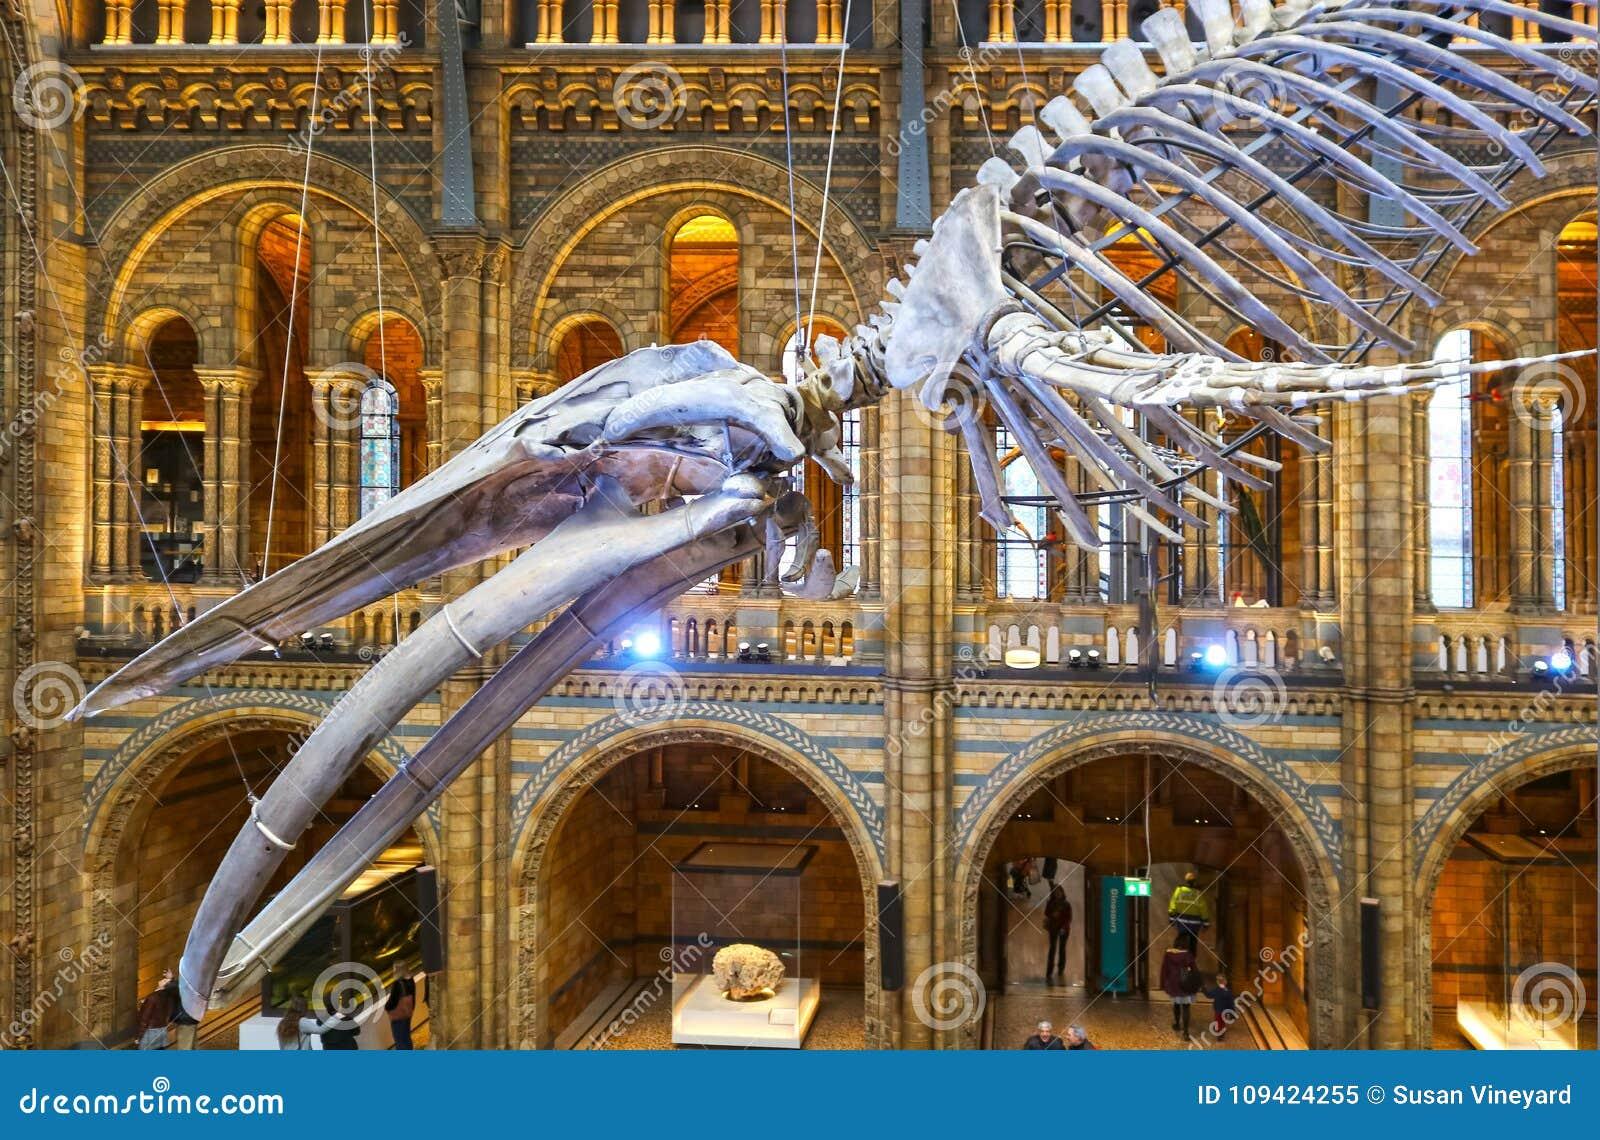 Błękitnego wieloryba zredukowany obwieszenie w głównej galerii muzeum historia naturalna w Londyński UK - HDR tonuje 1-11-2018